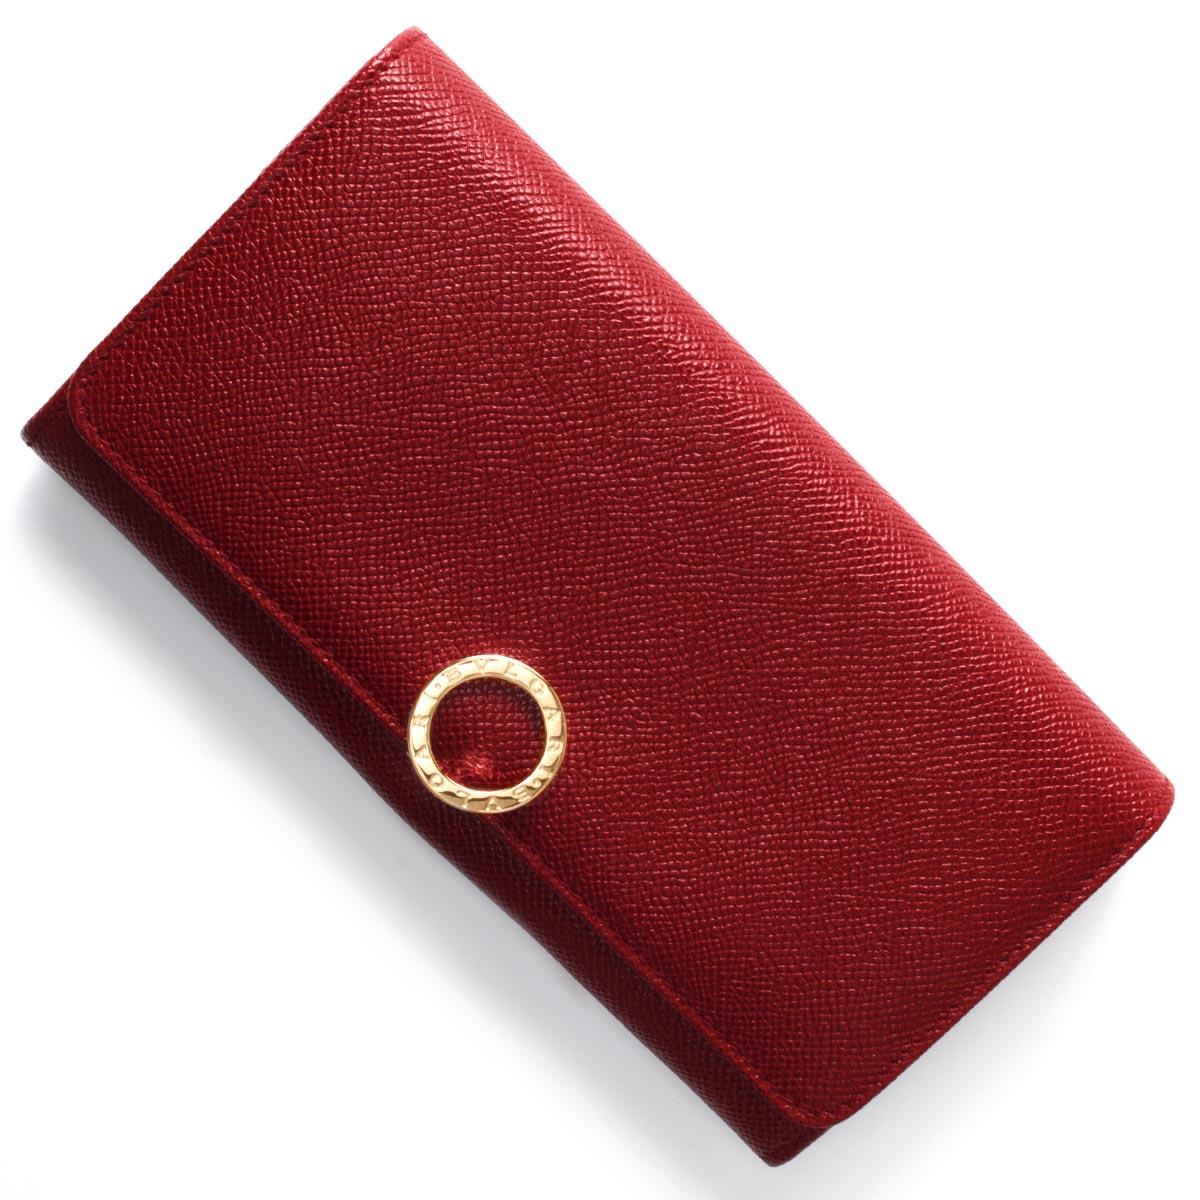 ブルガリ 長財布 財布 レディース ブルガリブルガリ BB ルビーレッド 281436 BVLGARI